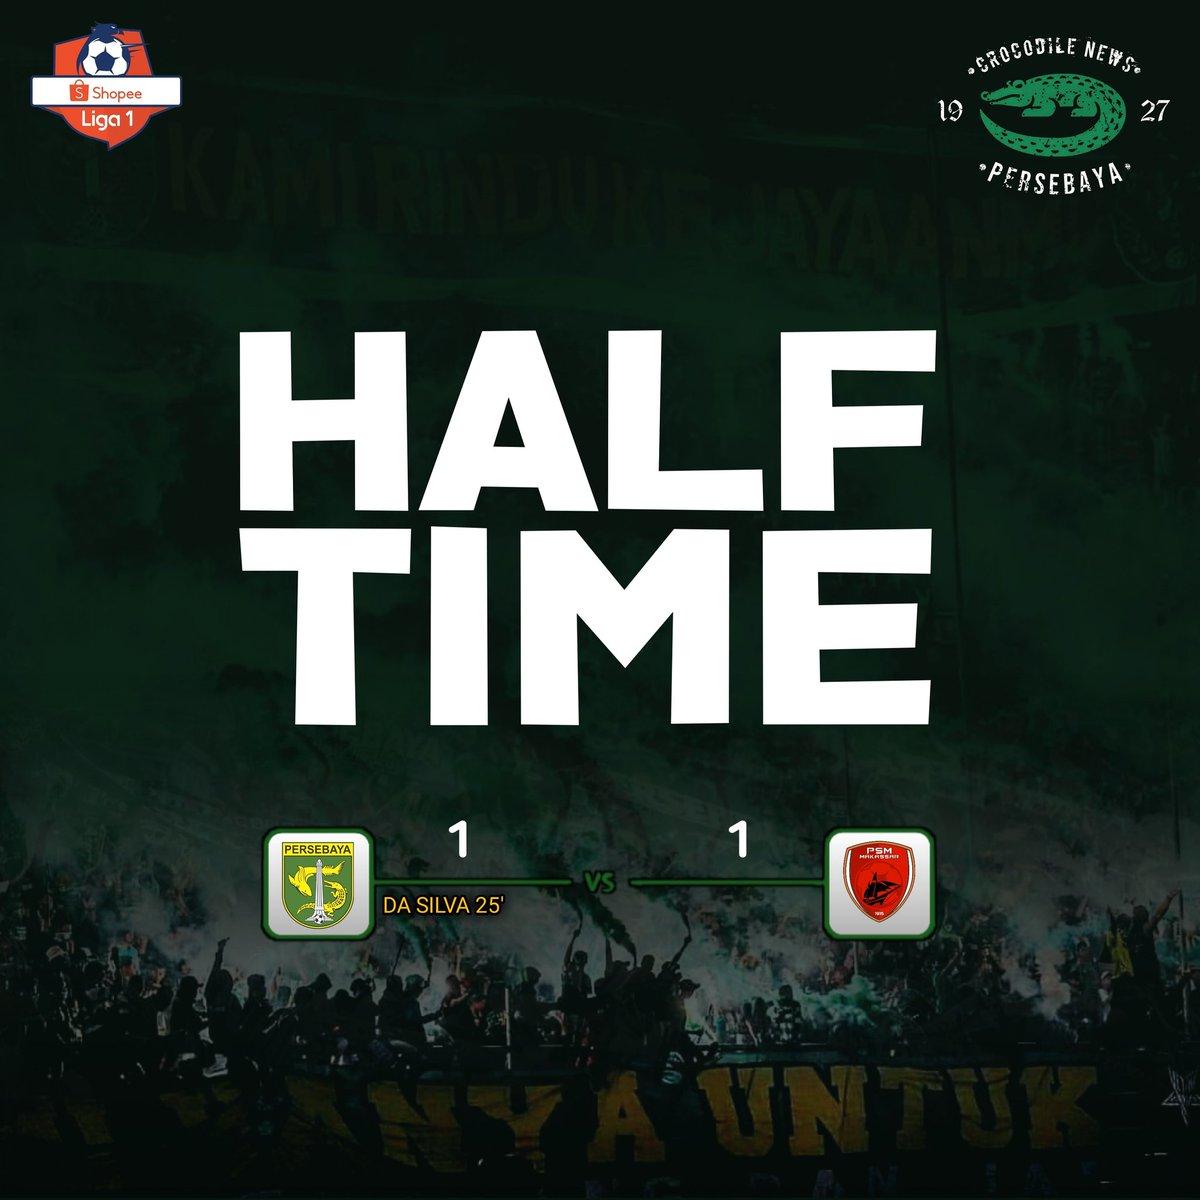 Half Time: Persebaya 1-1 Psm Makassar _ ⚽️ Da Silva 25'  Semoga dibabak kedua lebih baik lagi dan bisa nambah Gol lagi! #Persebaya #bajolijo #greenforce #CrocodileNews #bonek #bonita #PersebayaDay